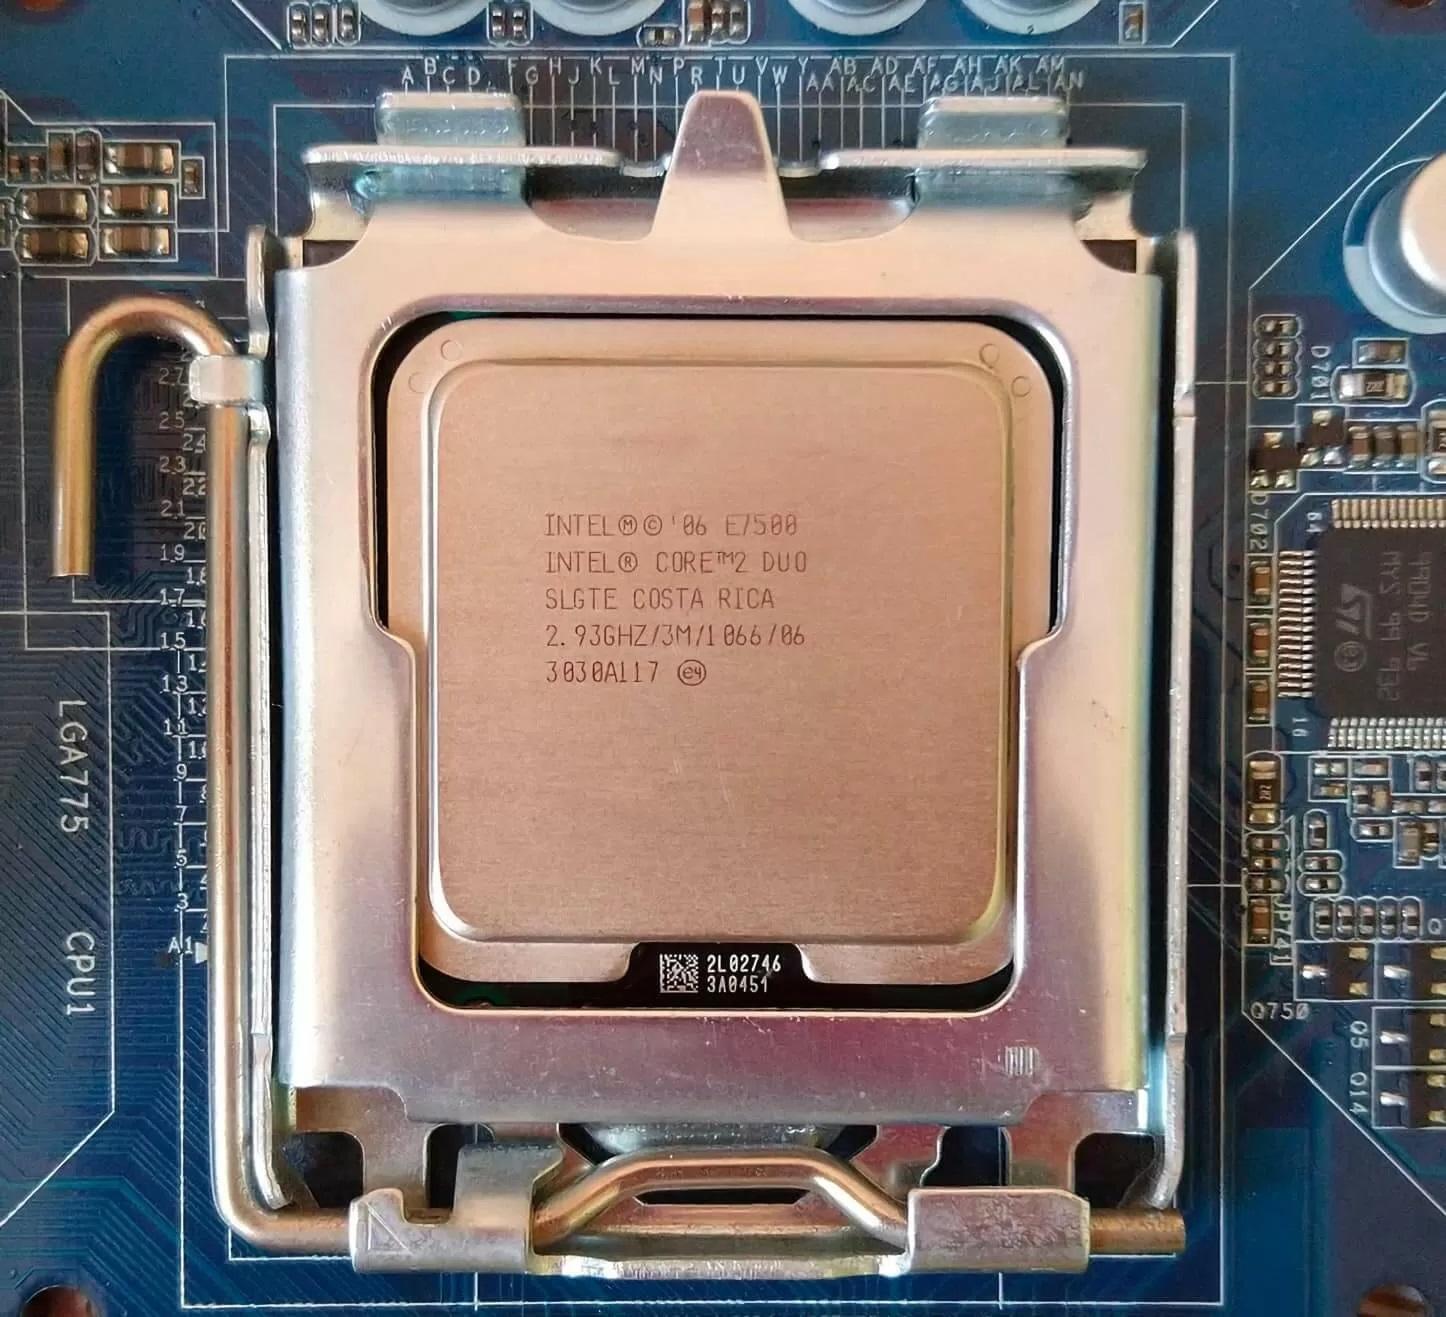 حكاوي رمضان : معمارية Athlon 64 وسقوط AMD . فكيف تم ذلك !!